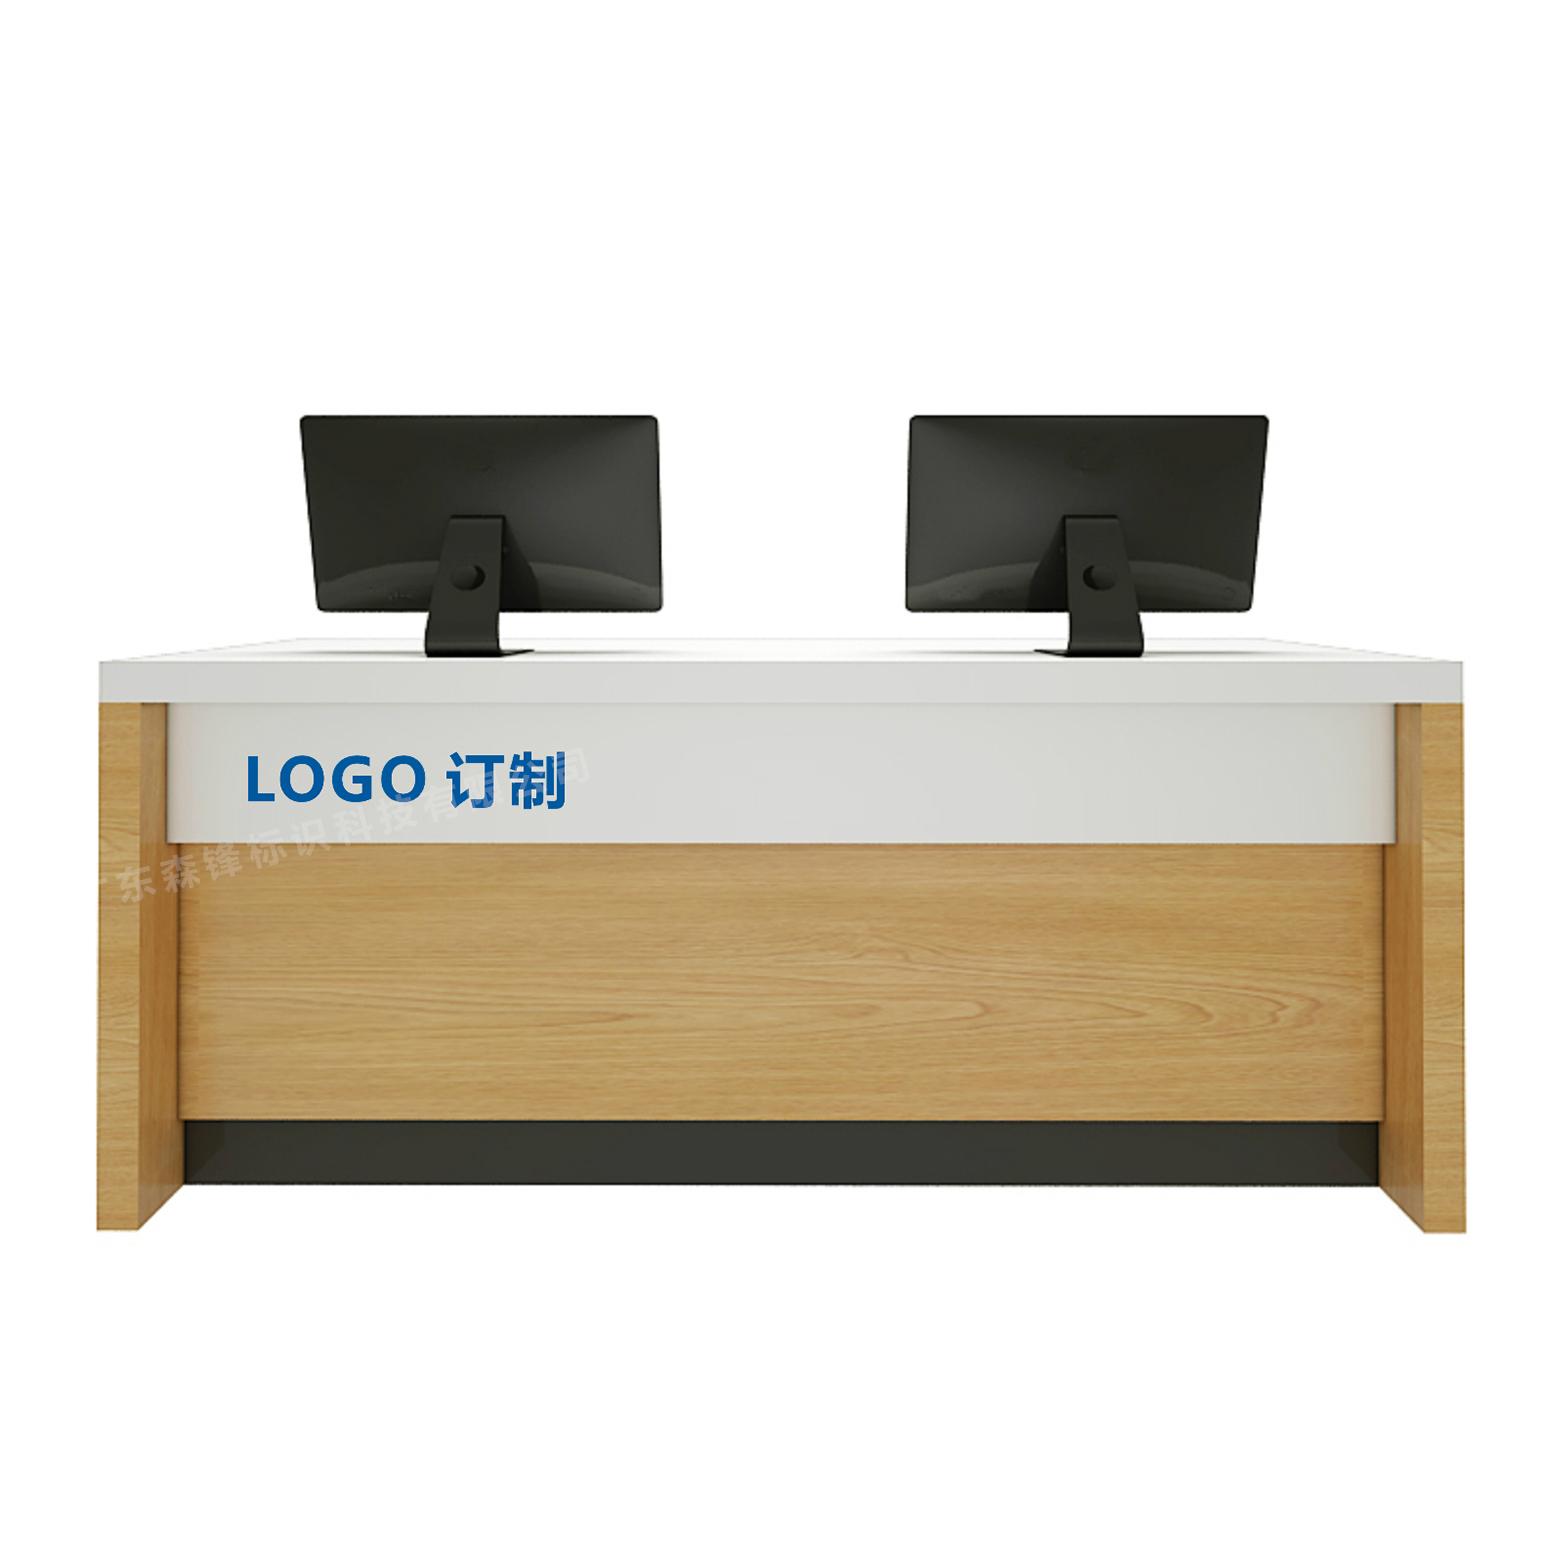 定制logo服务接待台